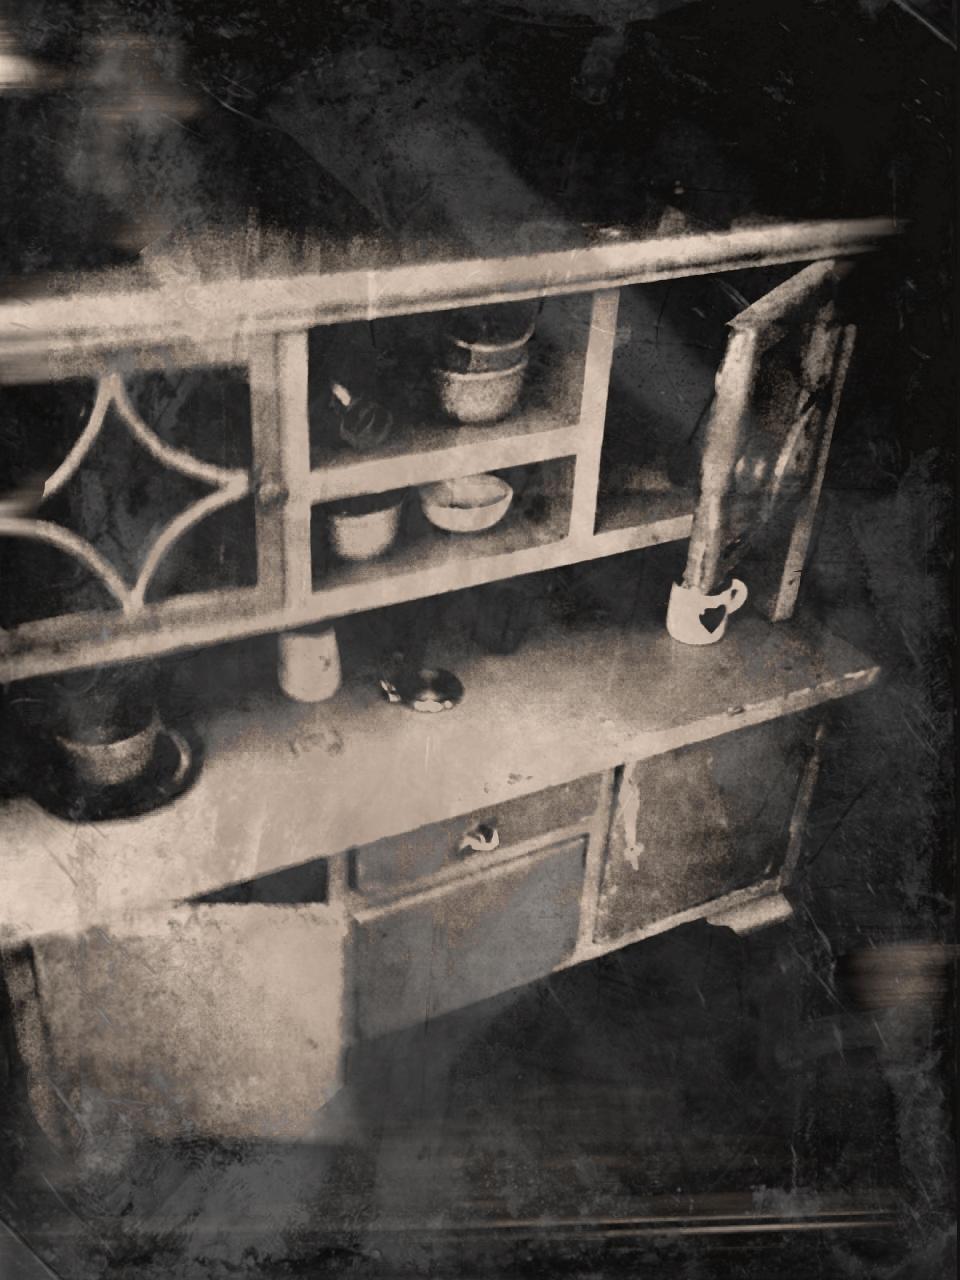 Baba konyhaszekrény egy keszthelyi kiállításról